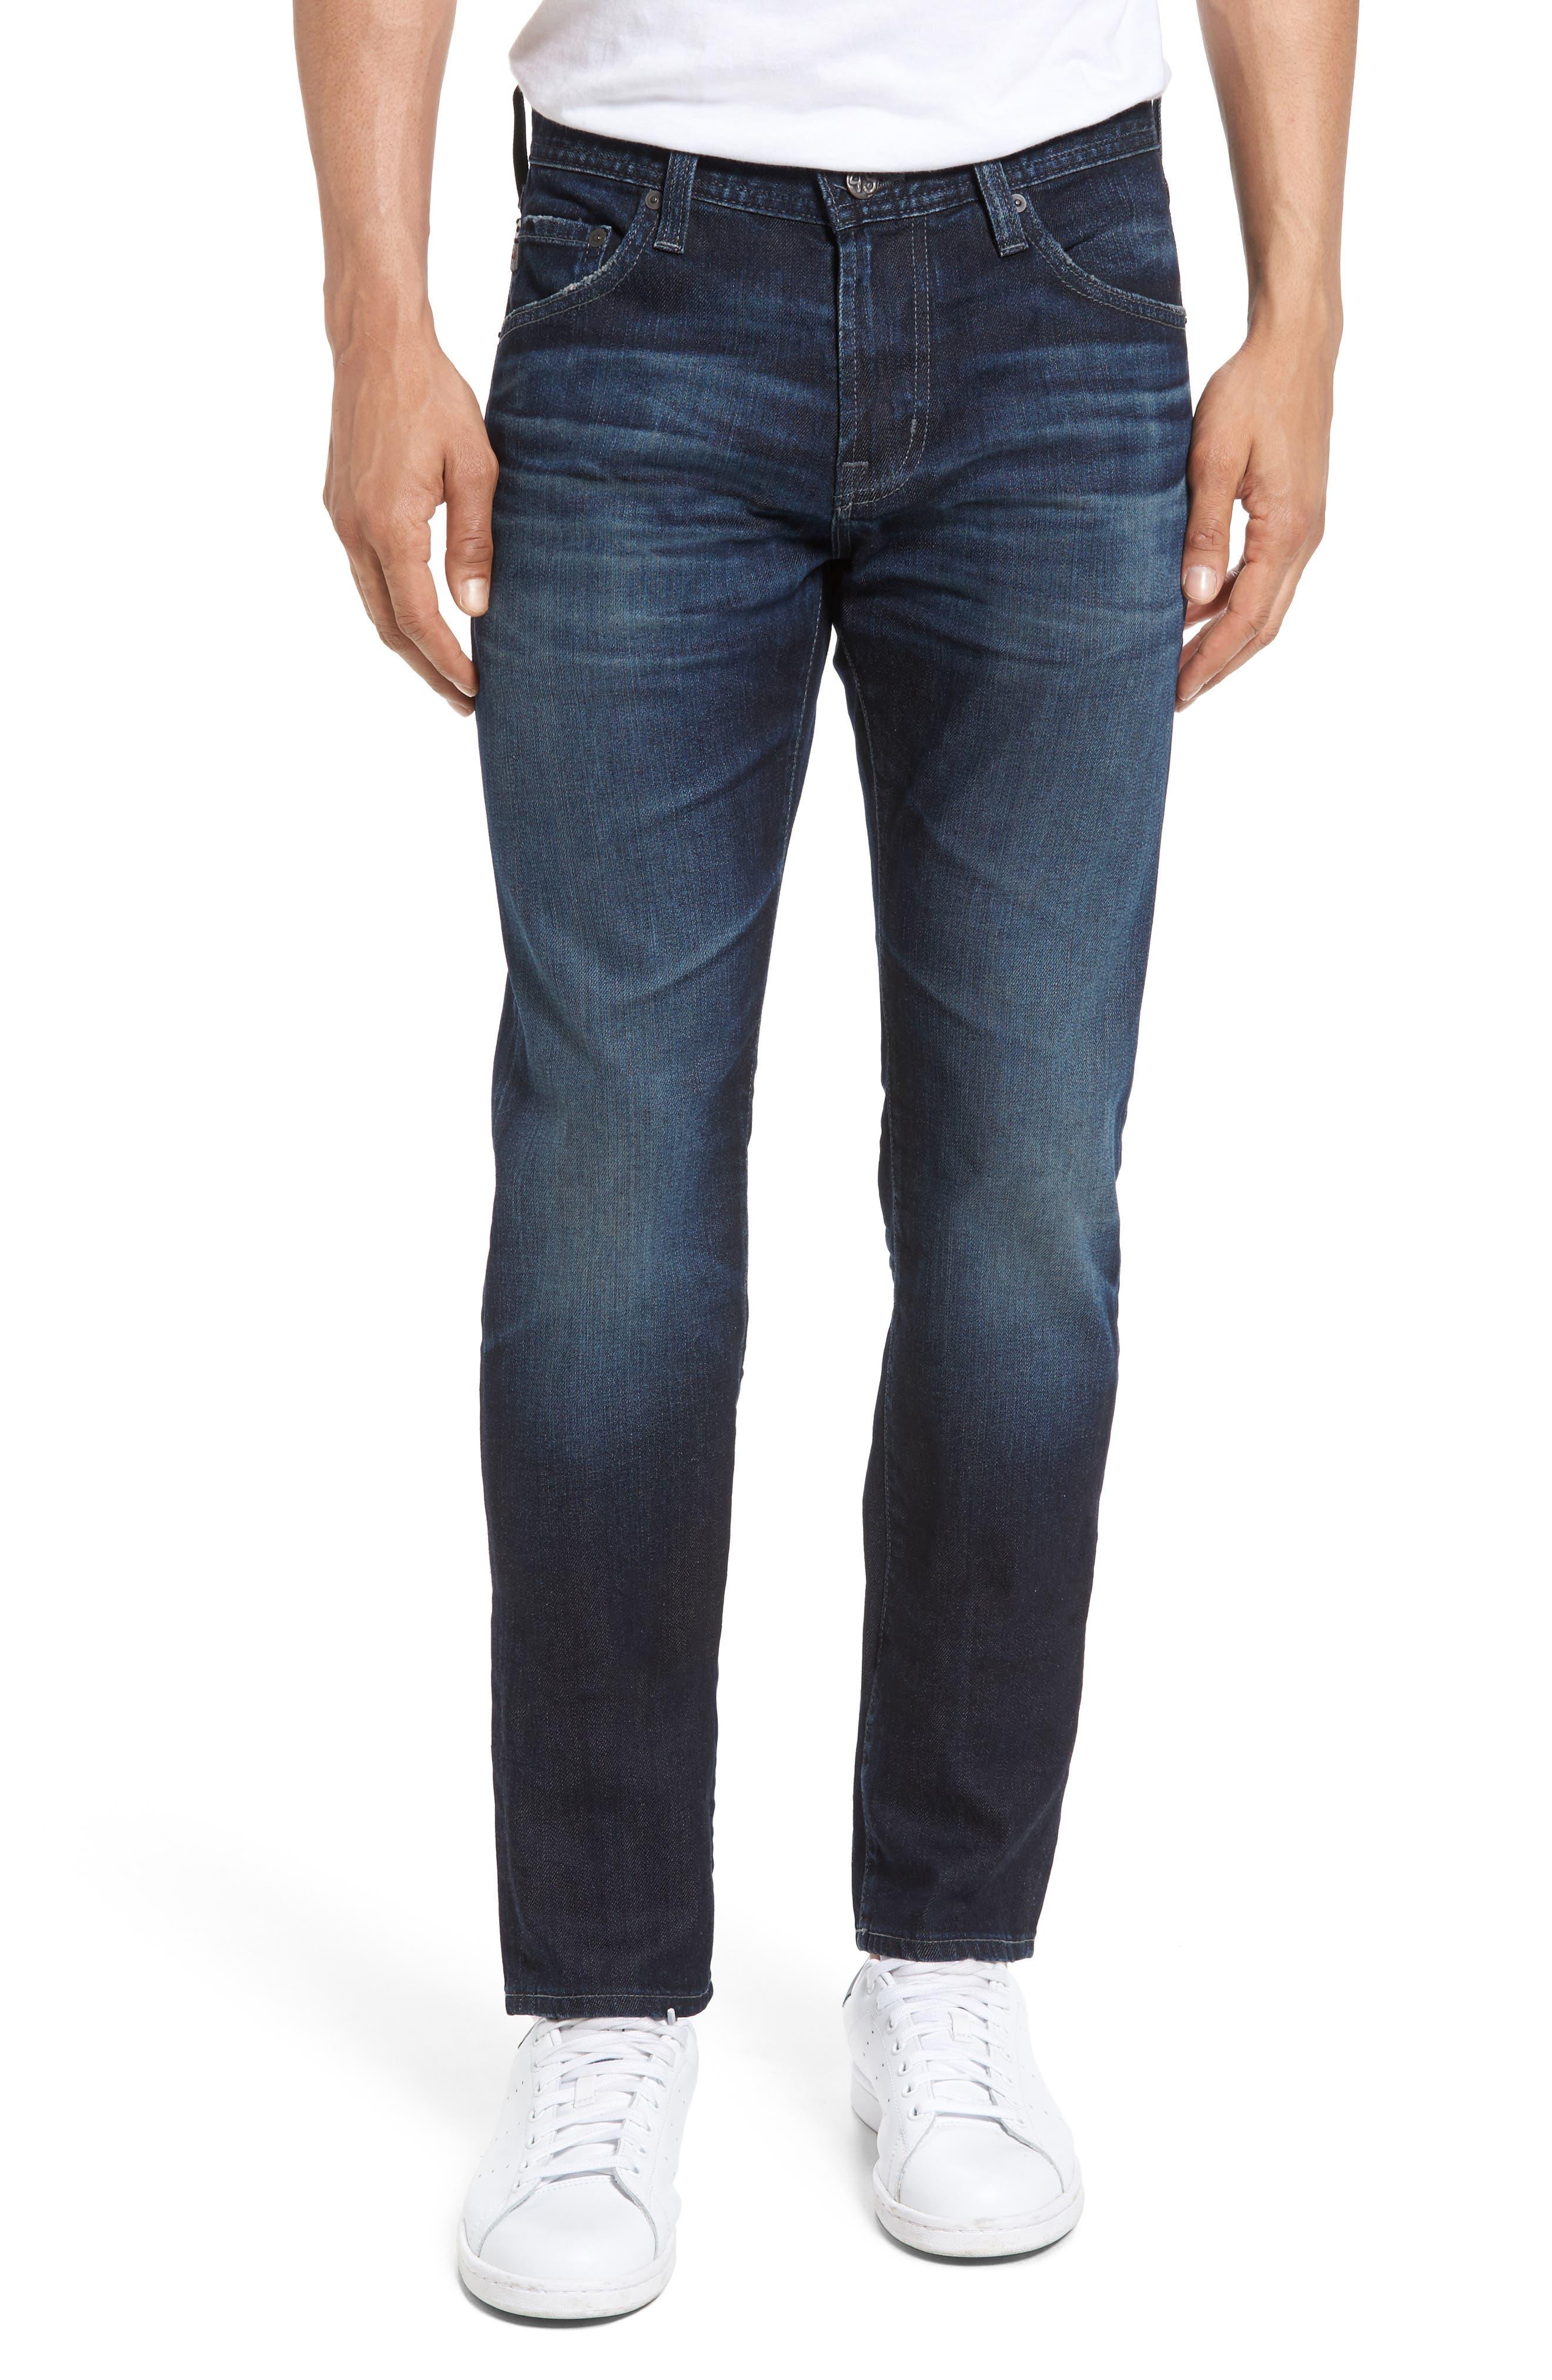 Tellis Slim Fit Jeans,                             Main thumbnail 1, color,